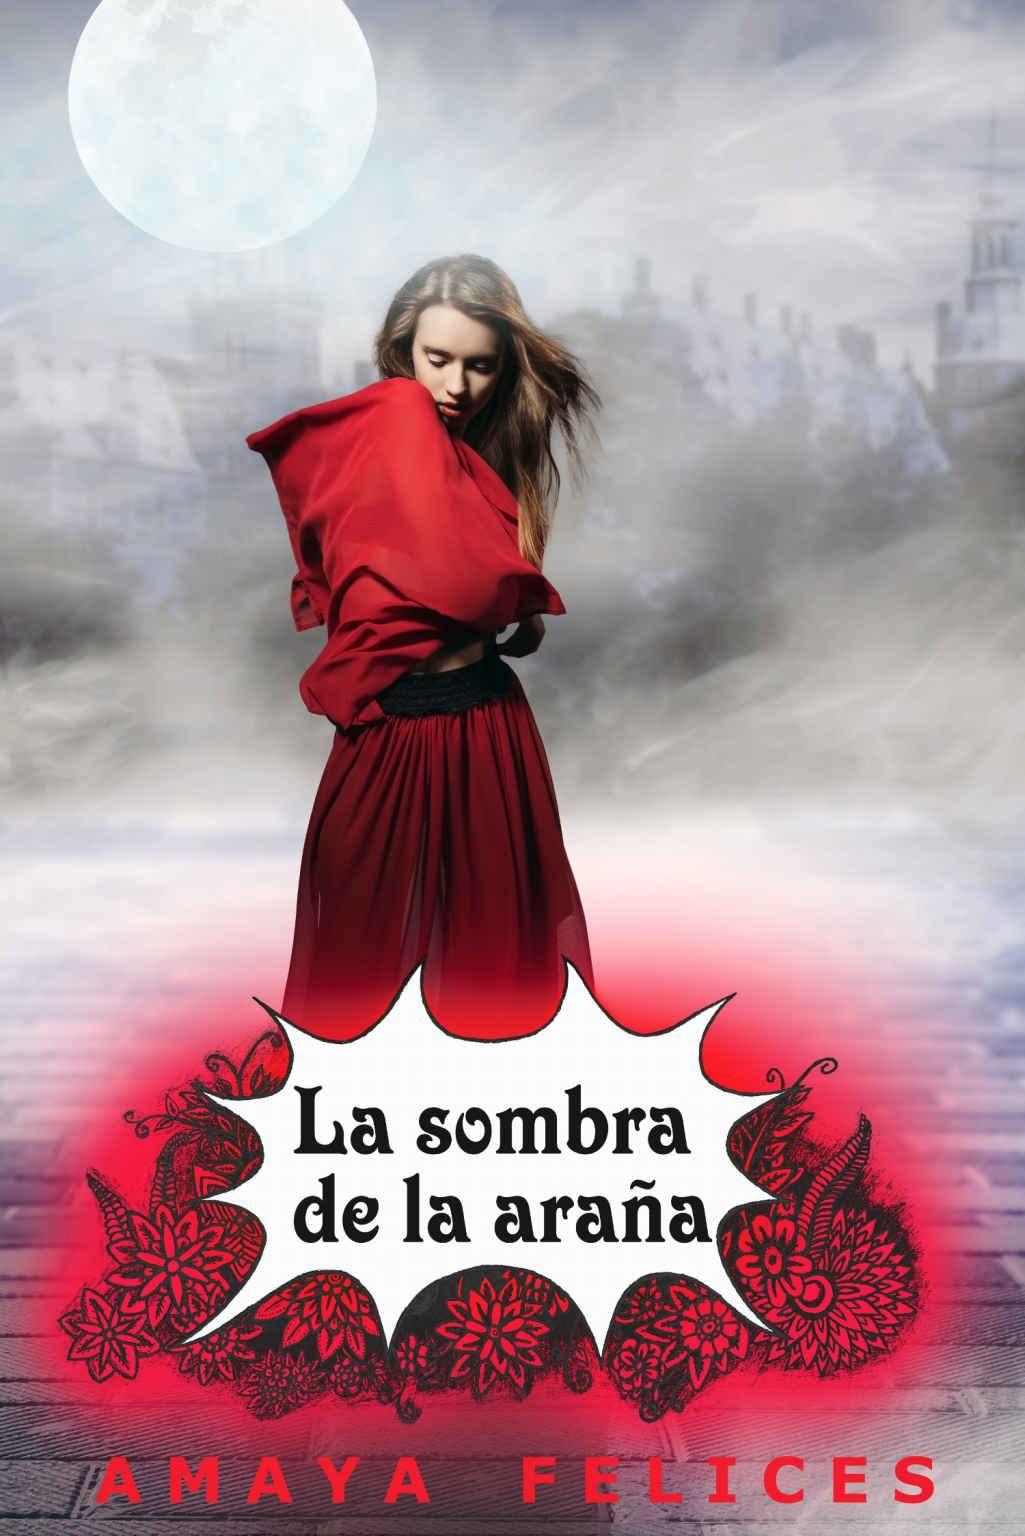 Amaya Felices - La sombra de la araña